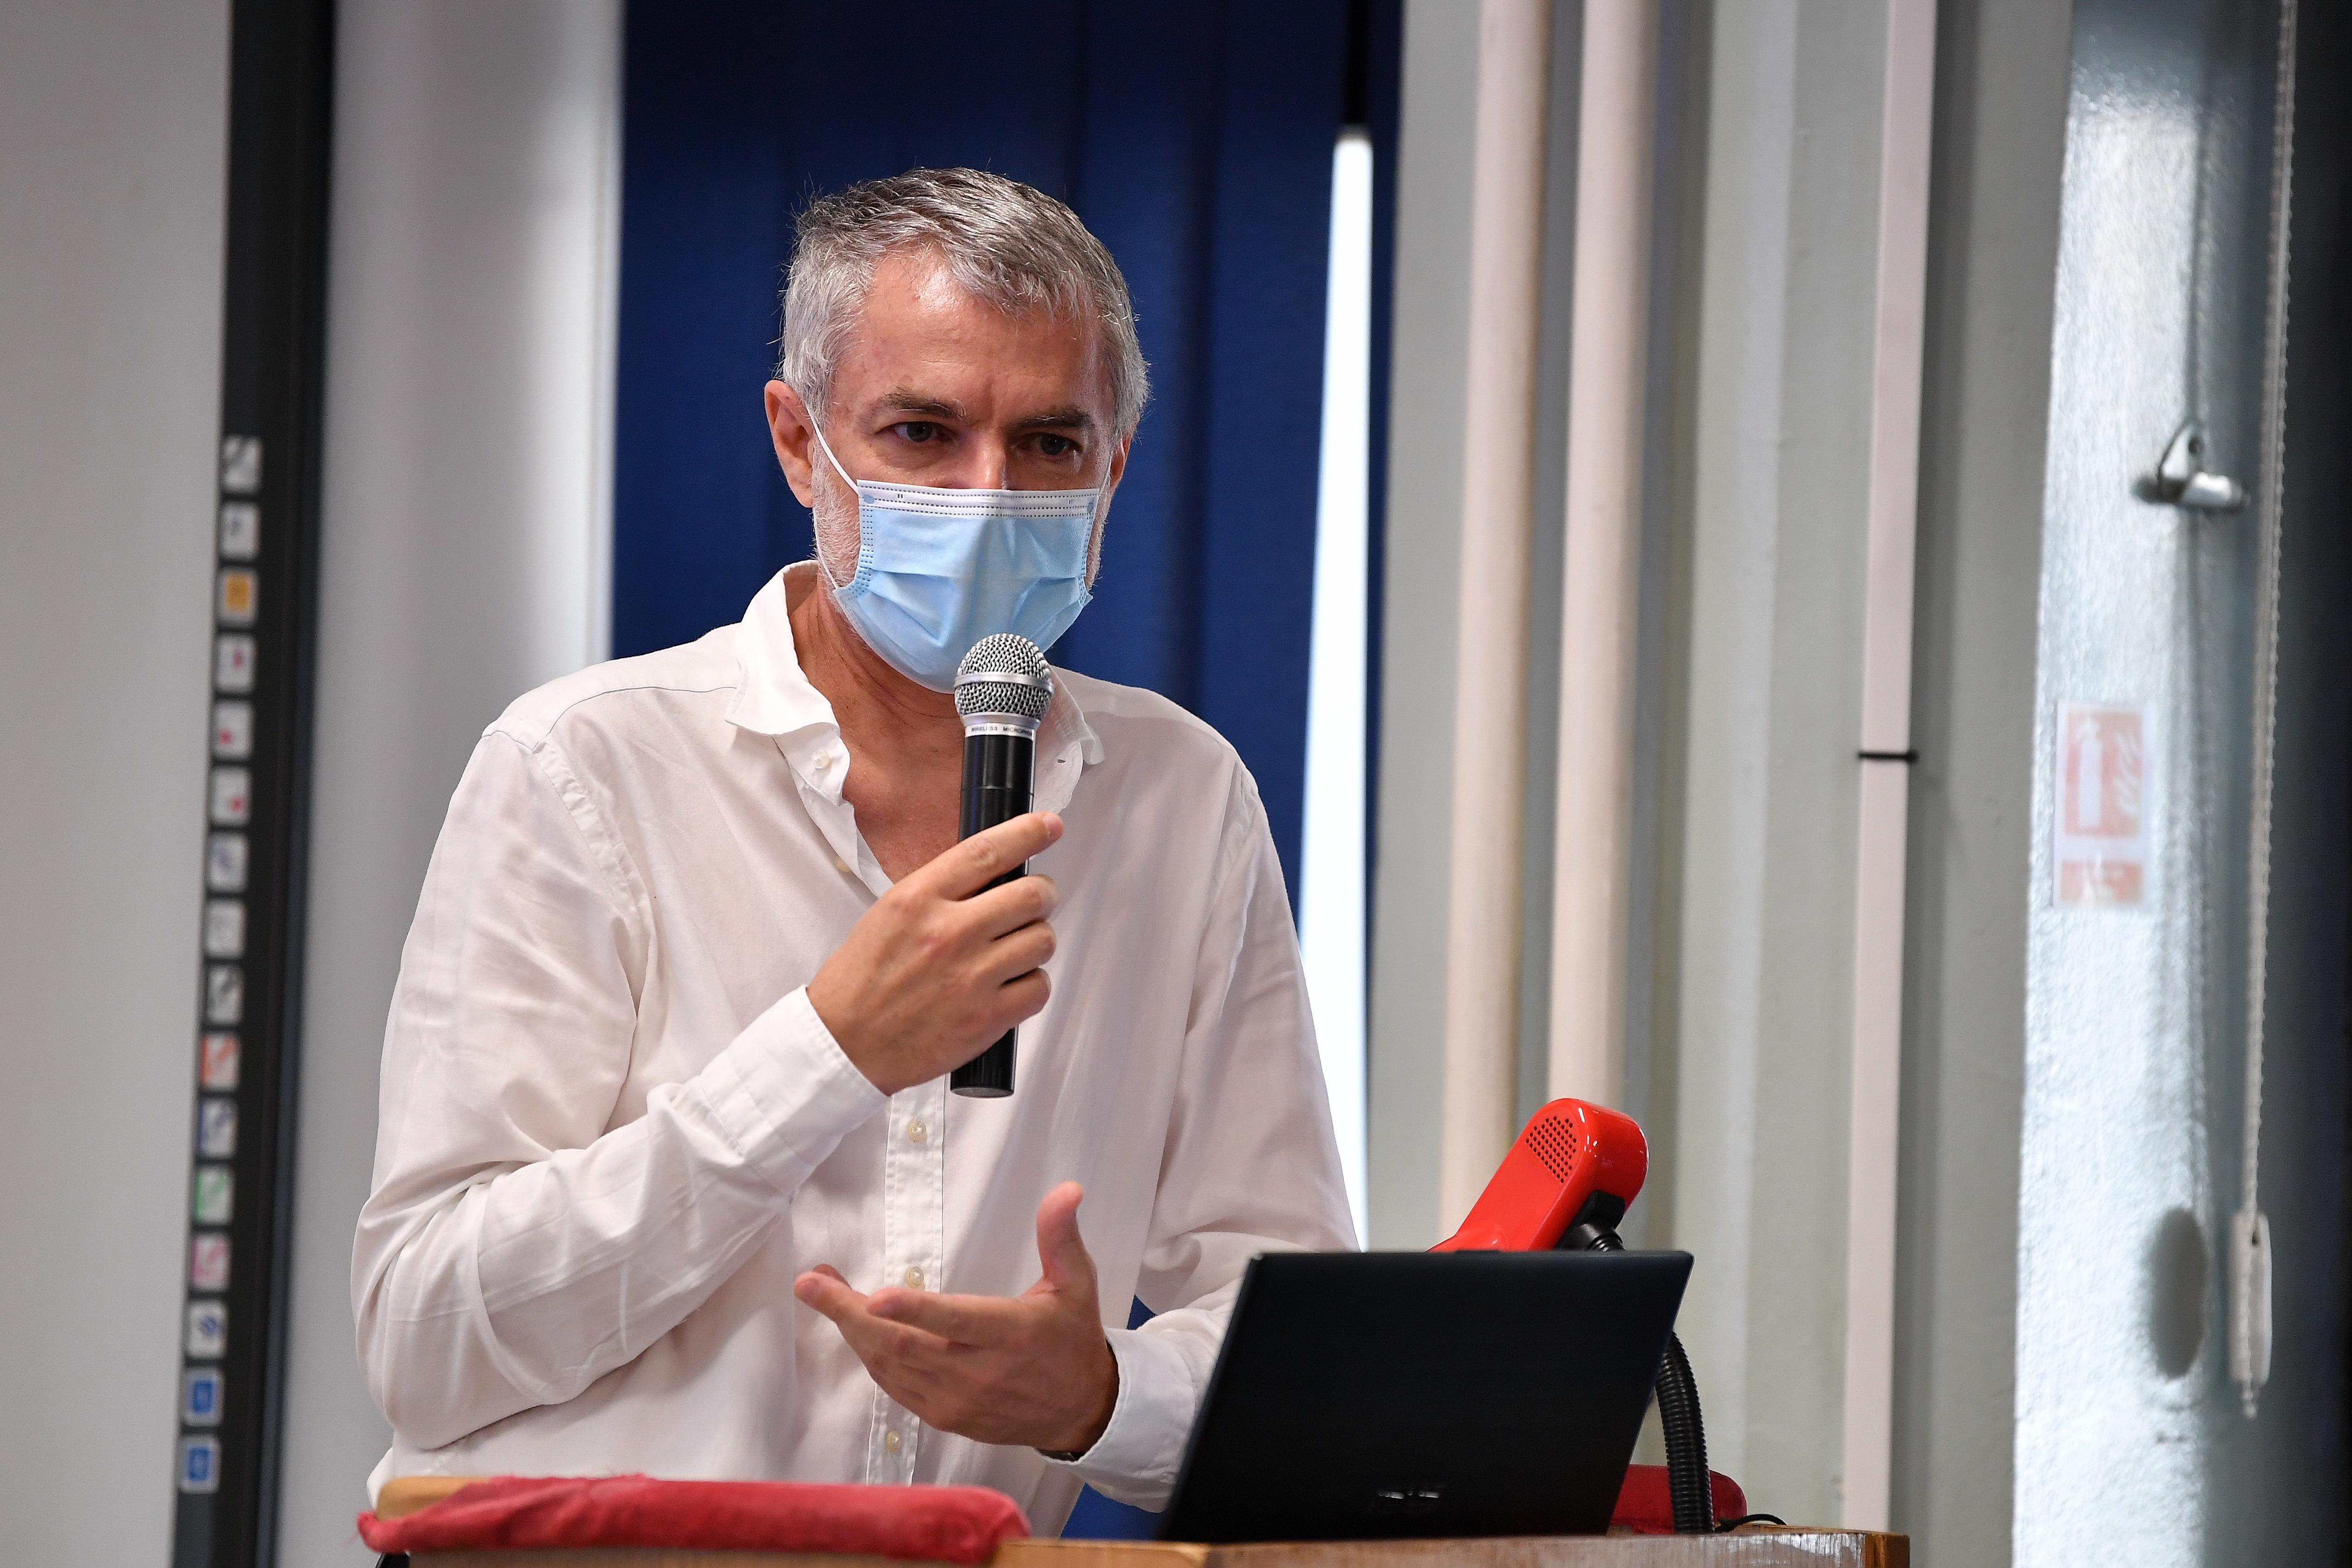 """Dr. Mihai Craiu: Vă rog, nu vă mai tratați, singuri, acasă, după rețete """"faimoase"""" care circulă pe net. Puteți să muriți!"""